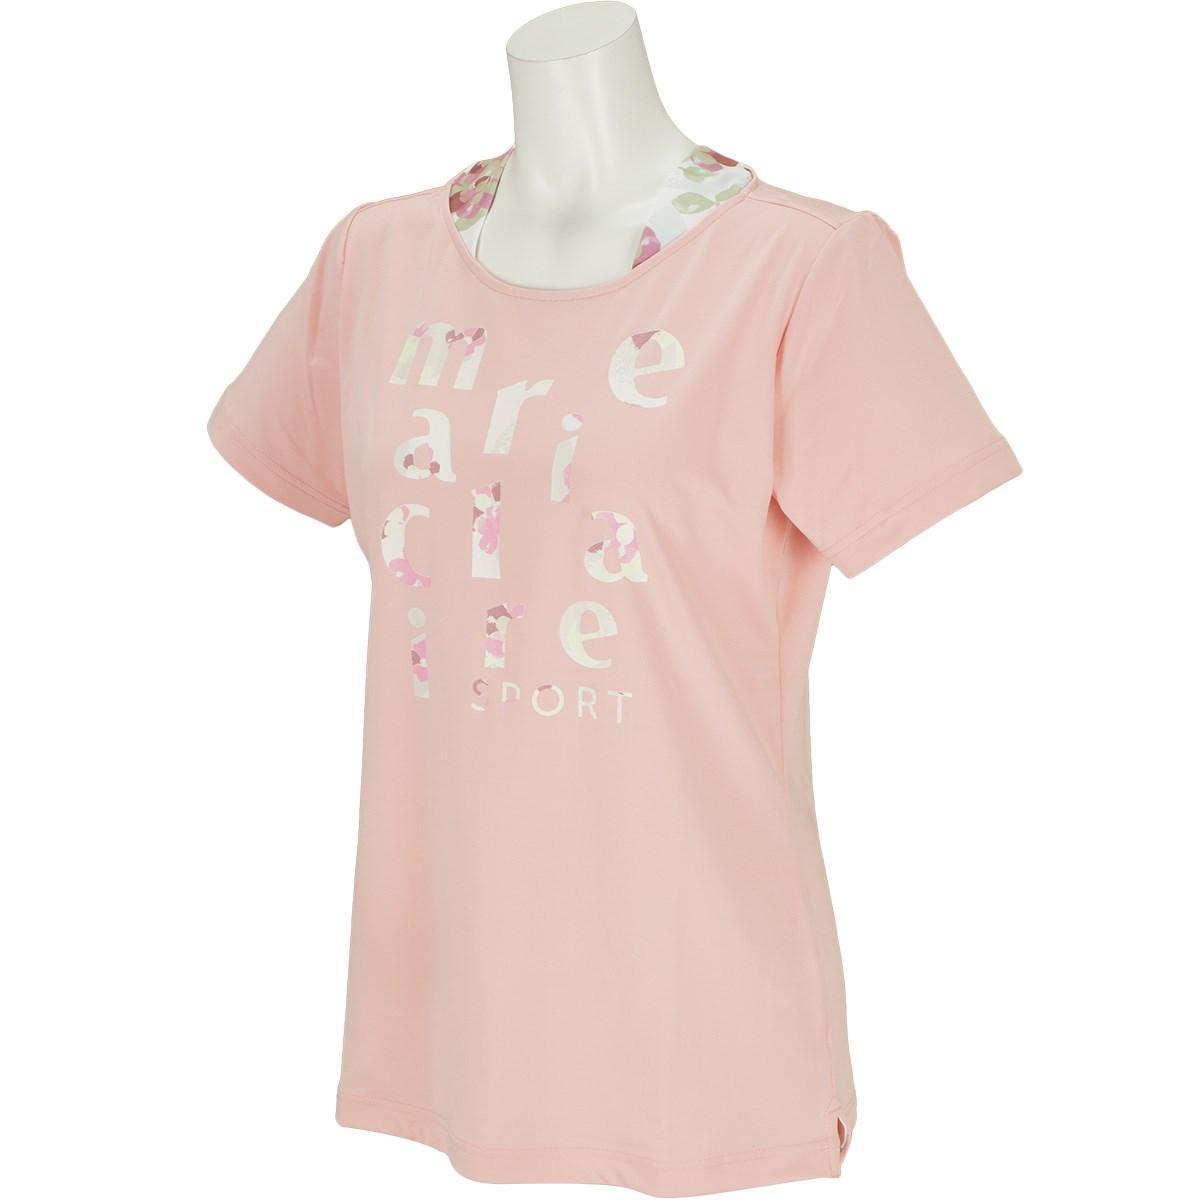 マリクレール marie claire 半袖Tシャツ M ピンク レディス